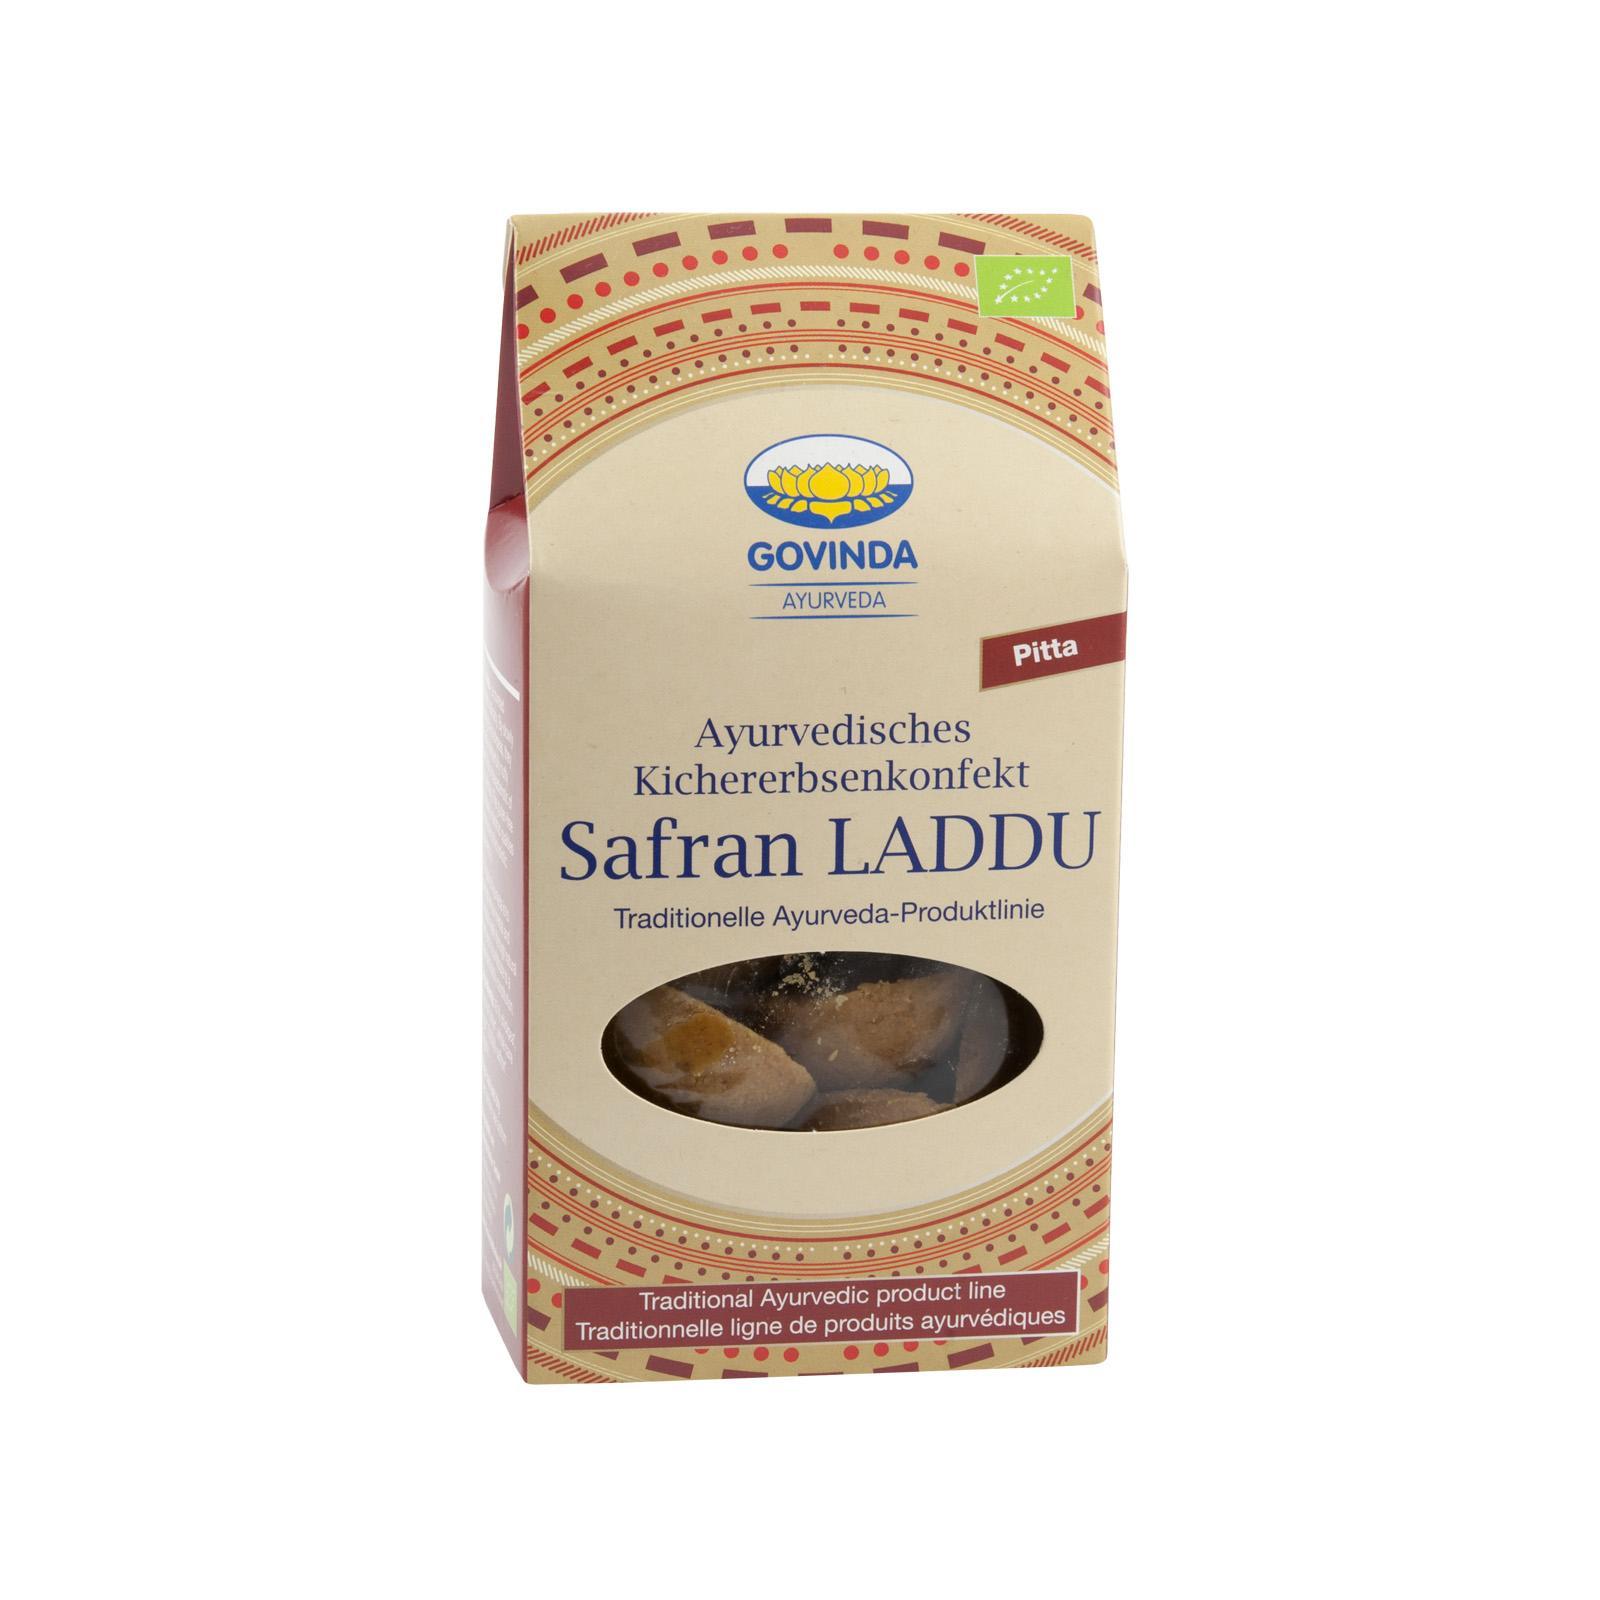 Govinda Ajurvédské cukroví Laddu se šafránem, Pitta 120 g